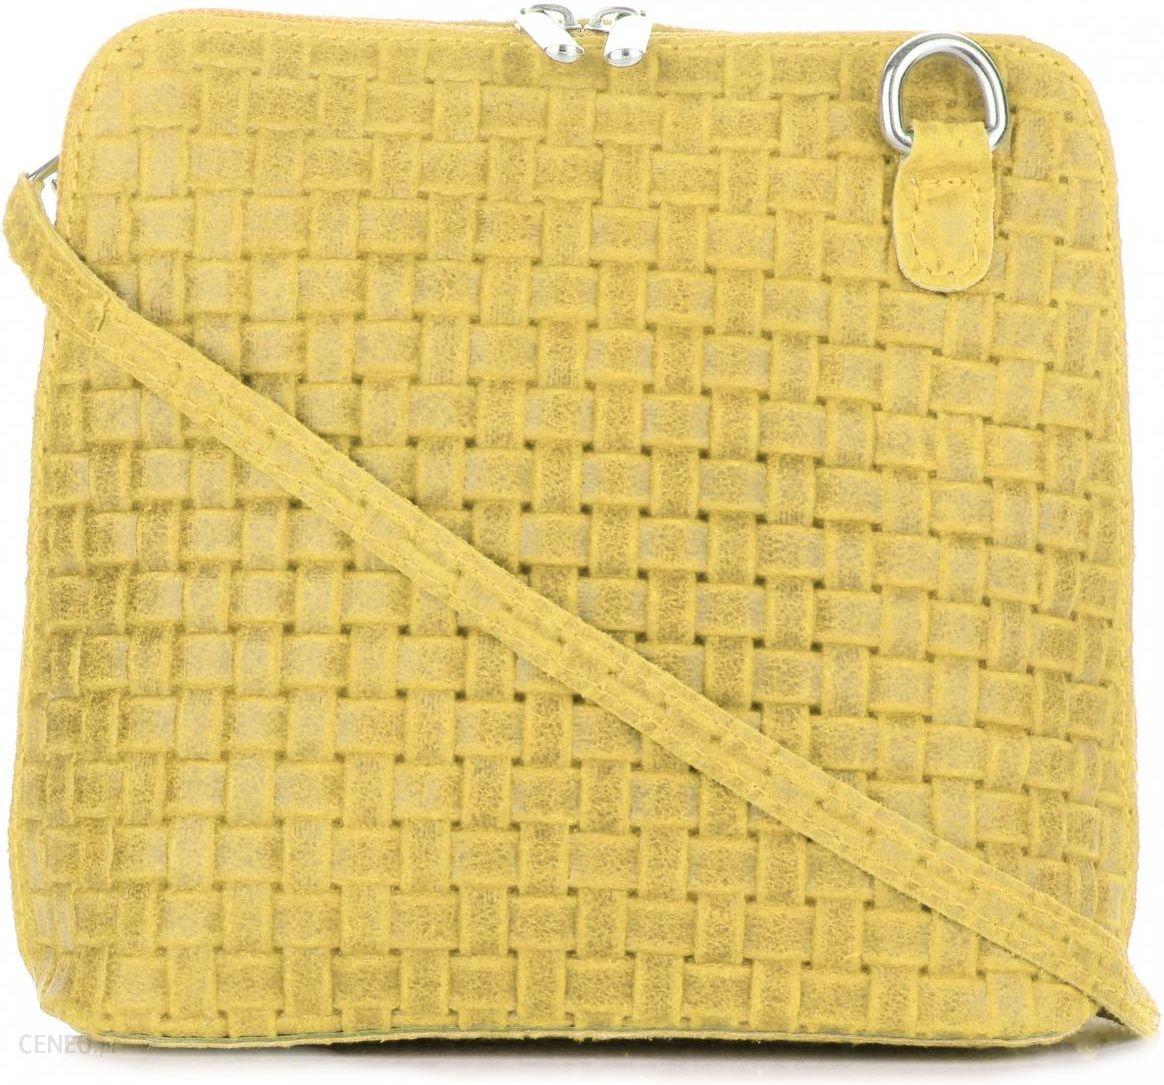 f856a33bfa23d Stylowe Włoskie Torebki Skórzane Listonoszki firmy Genuine Leather Żółte  (kolory) - zdjęcie 1